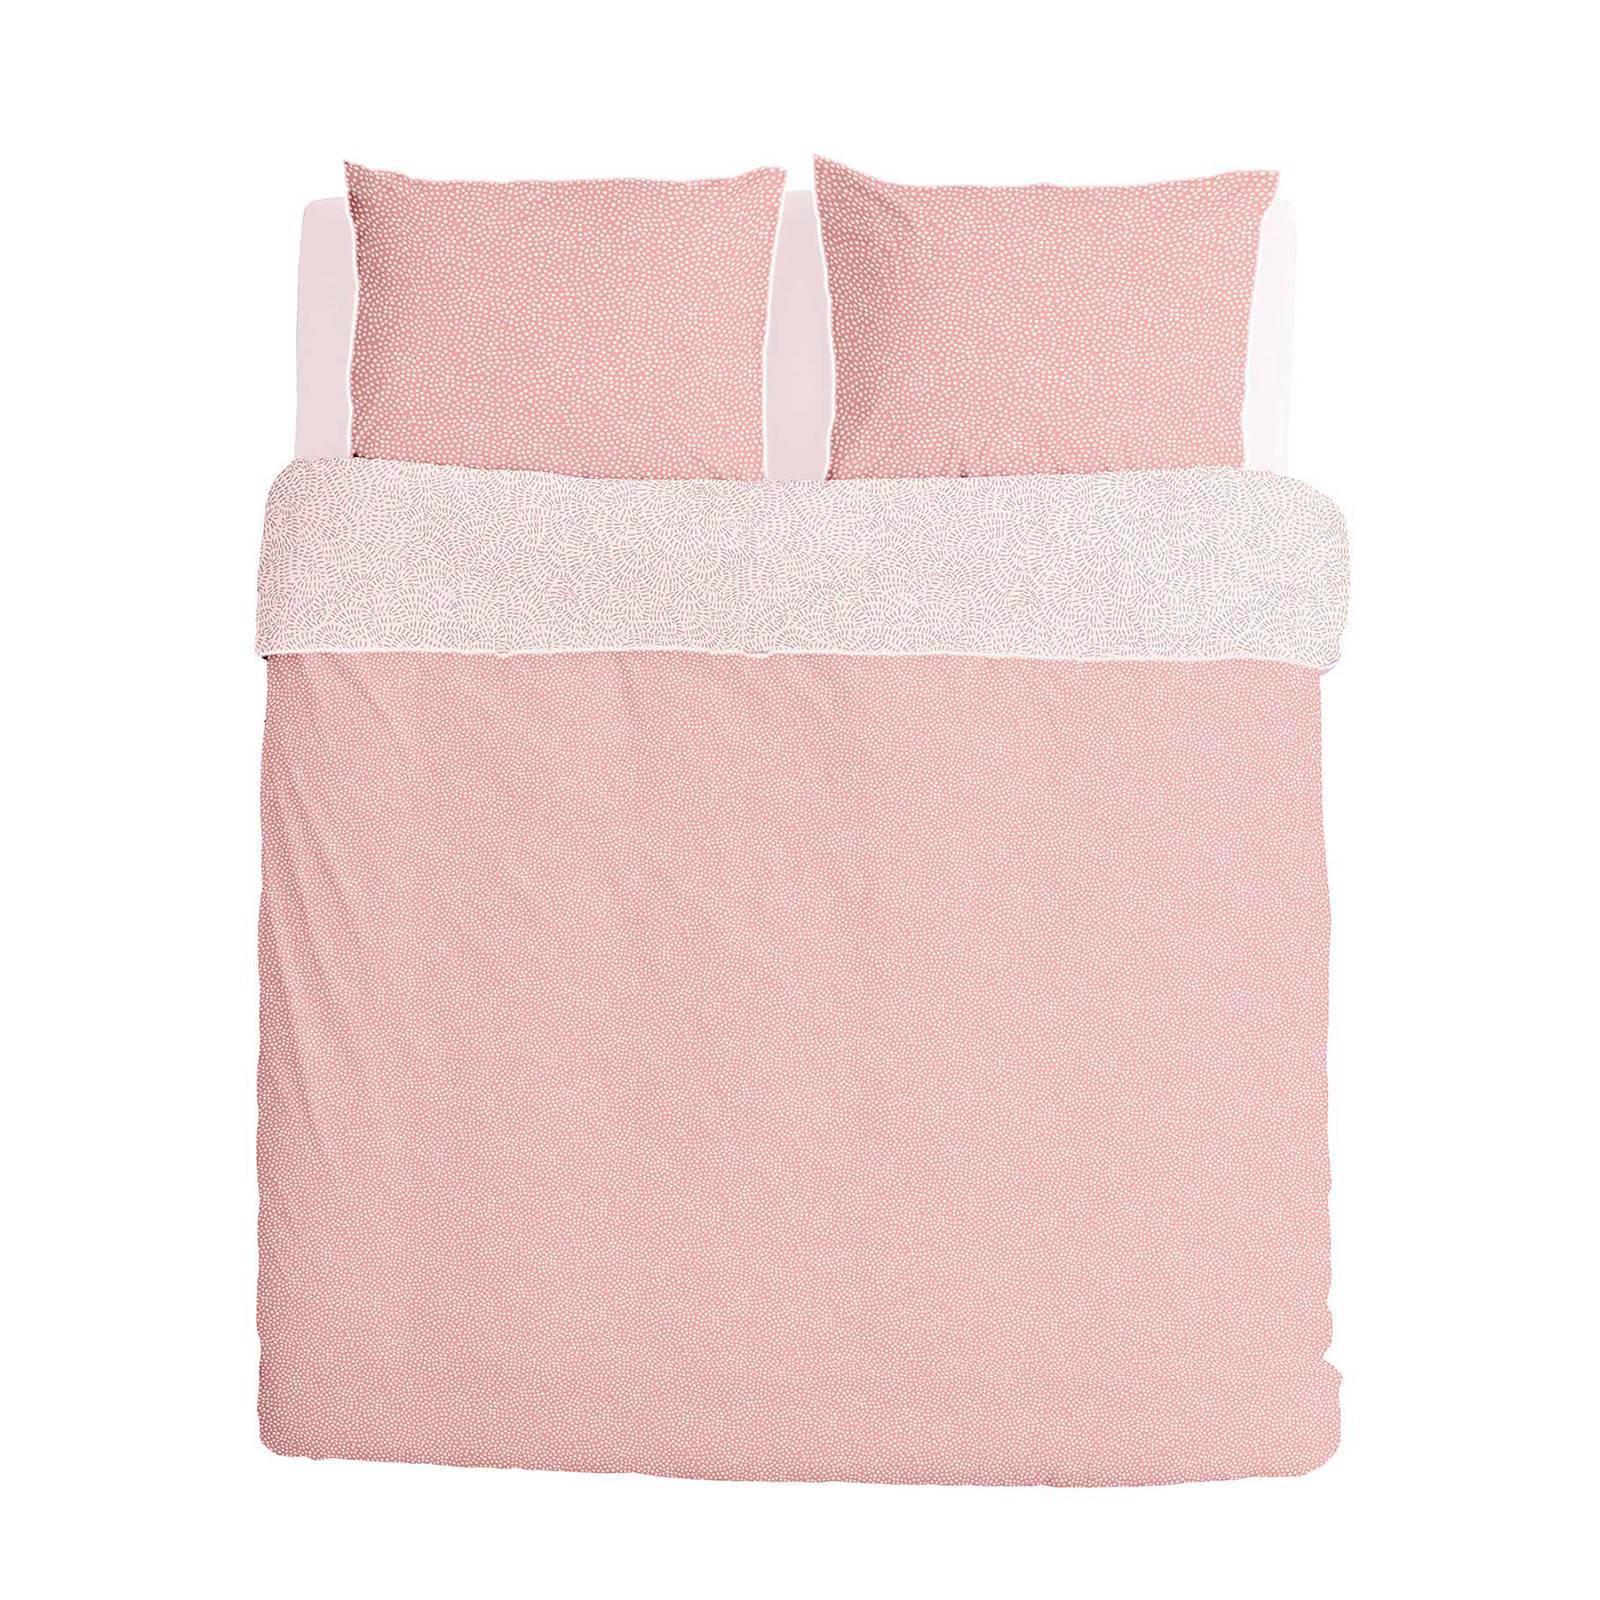 walra flanellen dekbedovertrek lits jumeaux roze